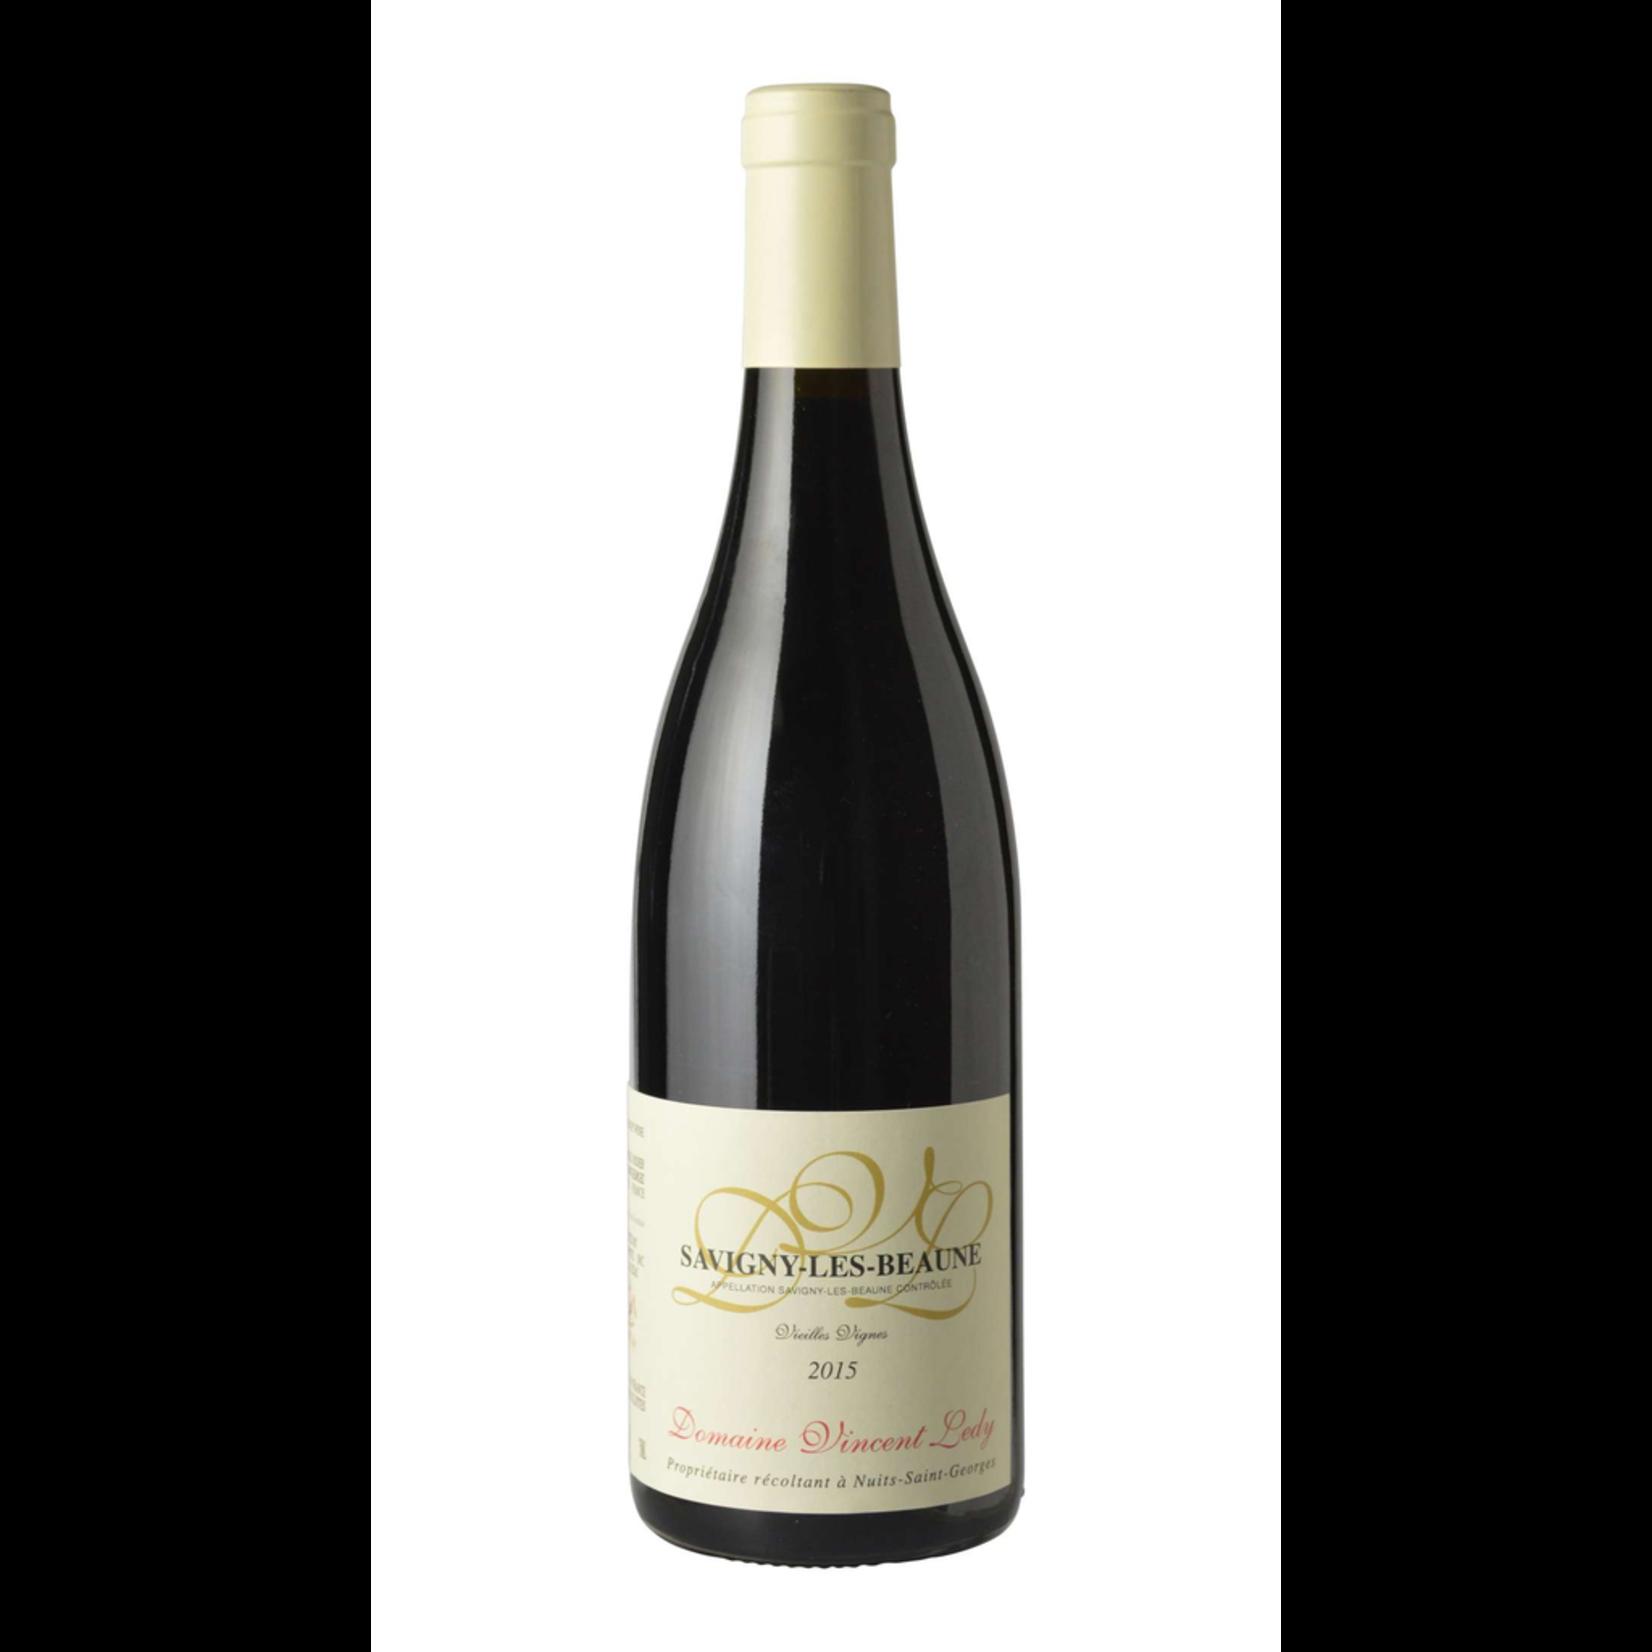 Wine Domaine Vincent Ledy Savigny Les Beaune Vieilles Vignes 2015